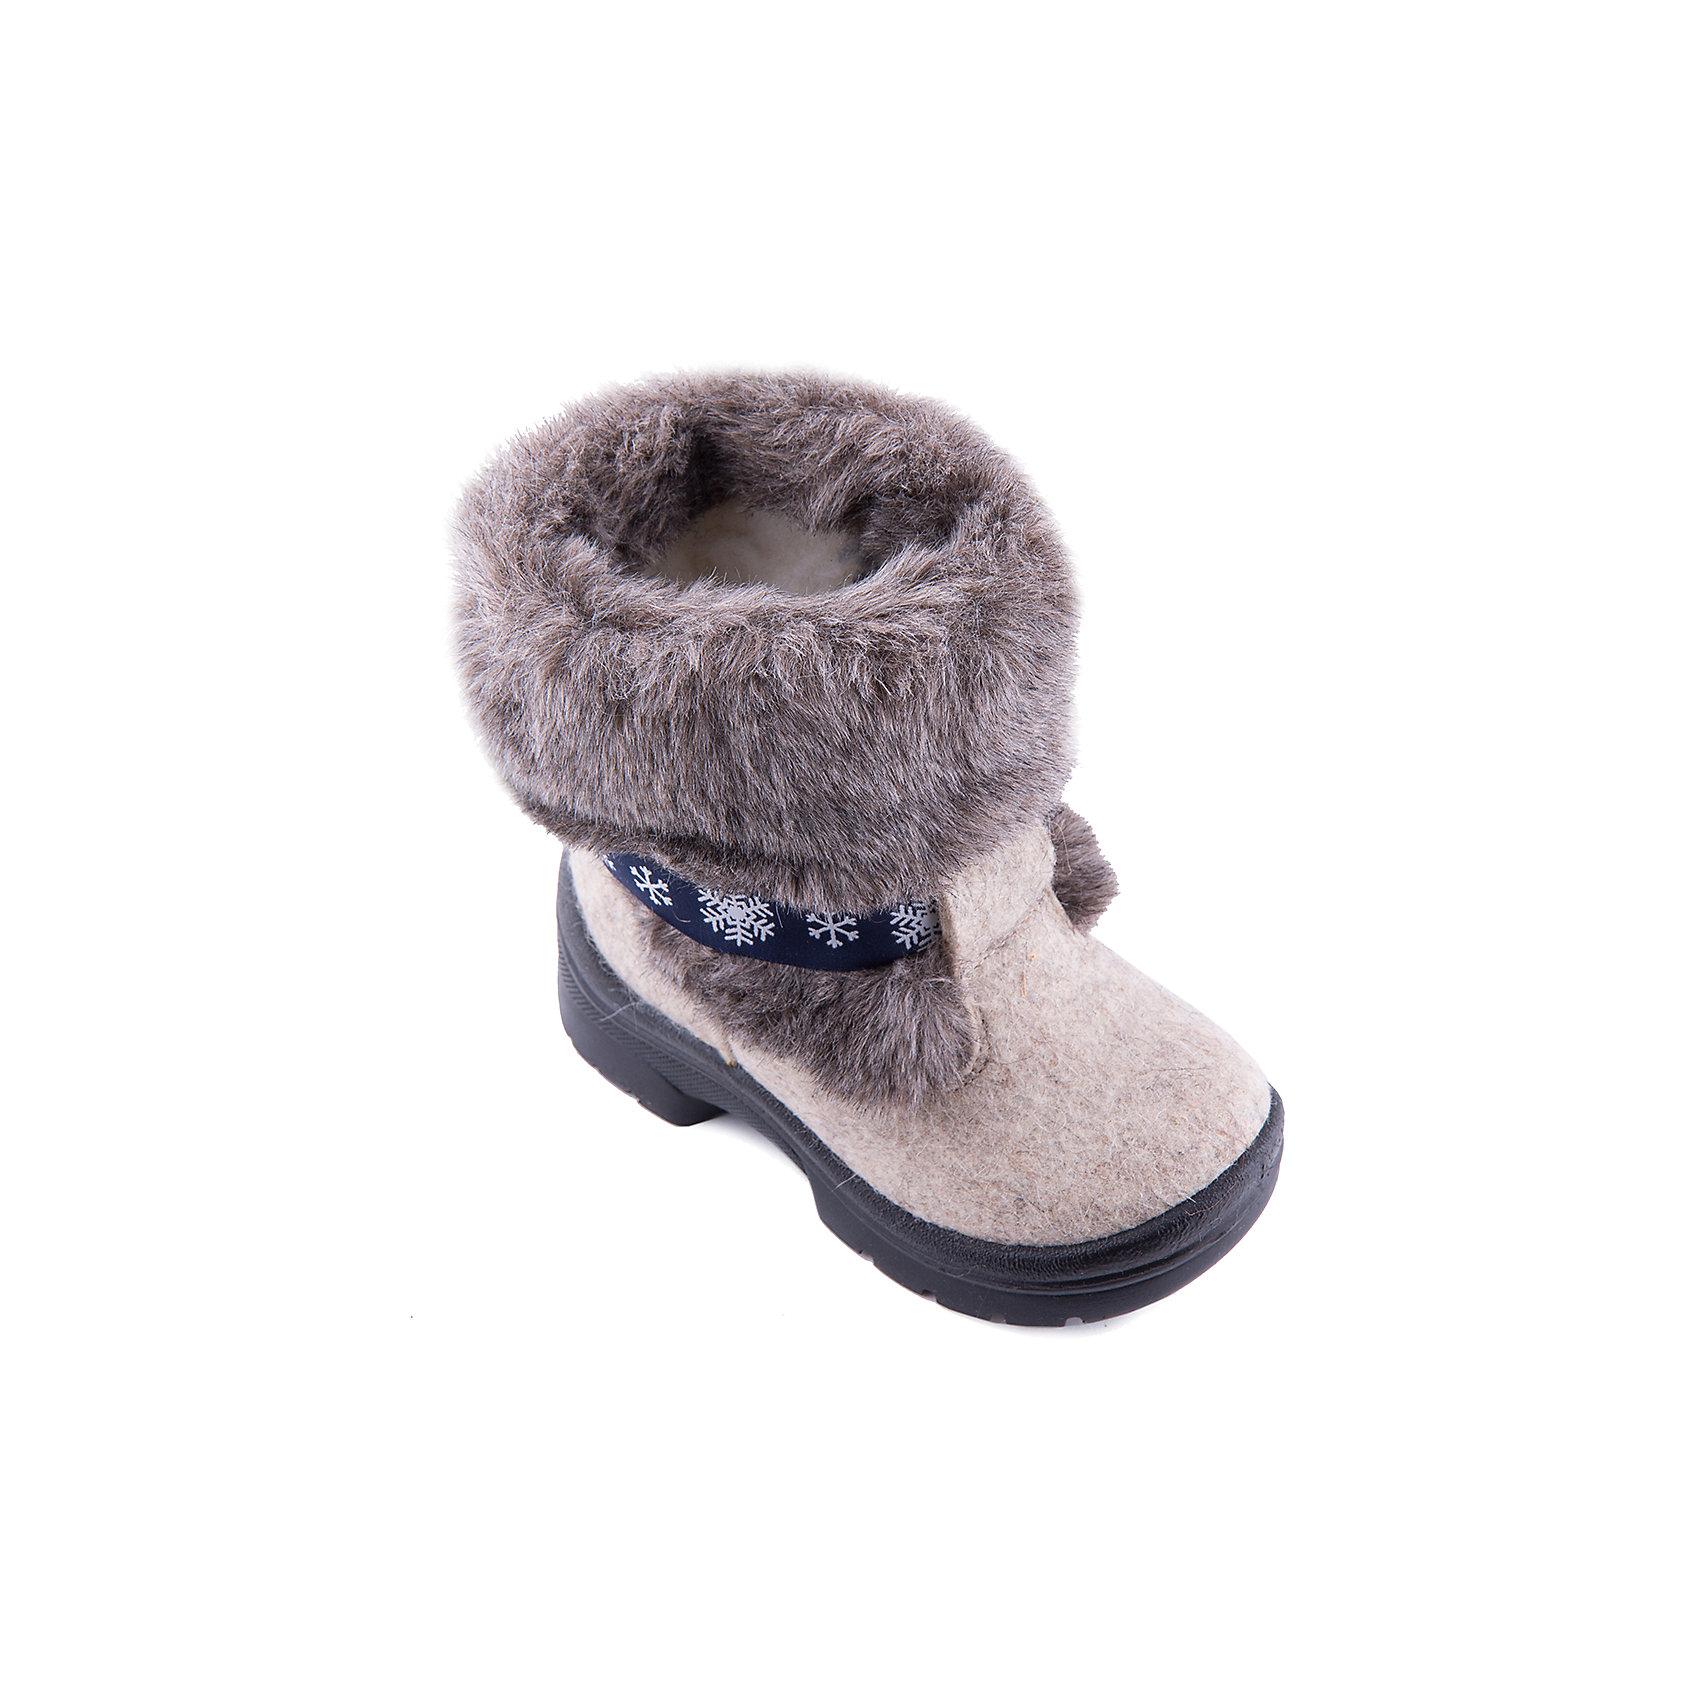 Валенки Алеша для мальчика ФилипокВаленки<br>Характеристики товара:<br><br>• цвет: черный<br>• температурный режим: от -5° С до -30° С<br>• внешний материал: эко-войлок (натуральная шерсть)<br>• подкладка: натуральная овечья шерсть<br>• стелька: шерстяной войлок (3,5 мм)<br>• подошва: литая, полиуретан<br>• декорированы искусственным мехом<br>• подошва с анти скользящей с системой протектора anti slip<br>• защита носка - натуральная кожа с износостойкой пропиткой<br>• усиленная пятка<br>• толстая устойчивая подошва<br>• страна бренда: РФ<br>• страна изготовитель: РФ<br><br>Очень теплые и удобные валенки для ребенка от известного бренда детской обуви Филипок созданы специально для русской зимы. Качественные материалы с пропиткой против попадания воды внутрь и модный дизайн понравятся и малышам и их родителям. Подошва и стелька обеспечат ребенку комфорт, сухость и тепло, позволяя в полной мере наслаждаться зимним отдыхом. Усиленная защита пятки и носка обеспечивает дополнительную безопасность детских ног в этих сапожках.<br>Эта красивая и удобная обувь прослужит долго благодаря отличному качеству. Производитель анти скользящее покрытие и амортизирующие свойства подошвы! Модель производится из качественных и проверенных материалов, которые безопасны для детей.<br><br>Валенки для мальчика от бренда Филипок можно купить в нашем интернет-магазине.<br><br>Ширина мм: 257<br>Глубина мм: 180<br>Высота мм: 130<br>Вес г: 420<br>Цвет: черный<br>Возраст от месяцев: 60<br>Возраст до месяцев: 72<br>Пол: Мужской<br>Возраст: Детский<br>Размер: 29,32,28,30,25,27,26,24,32,31<br>SKU: 3341811